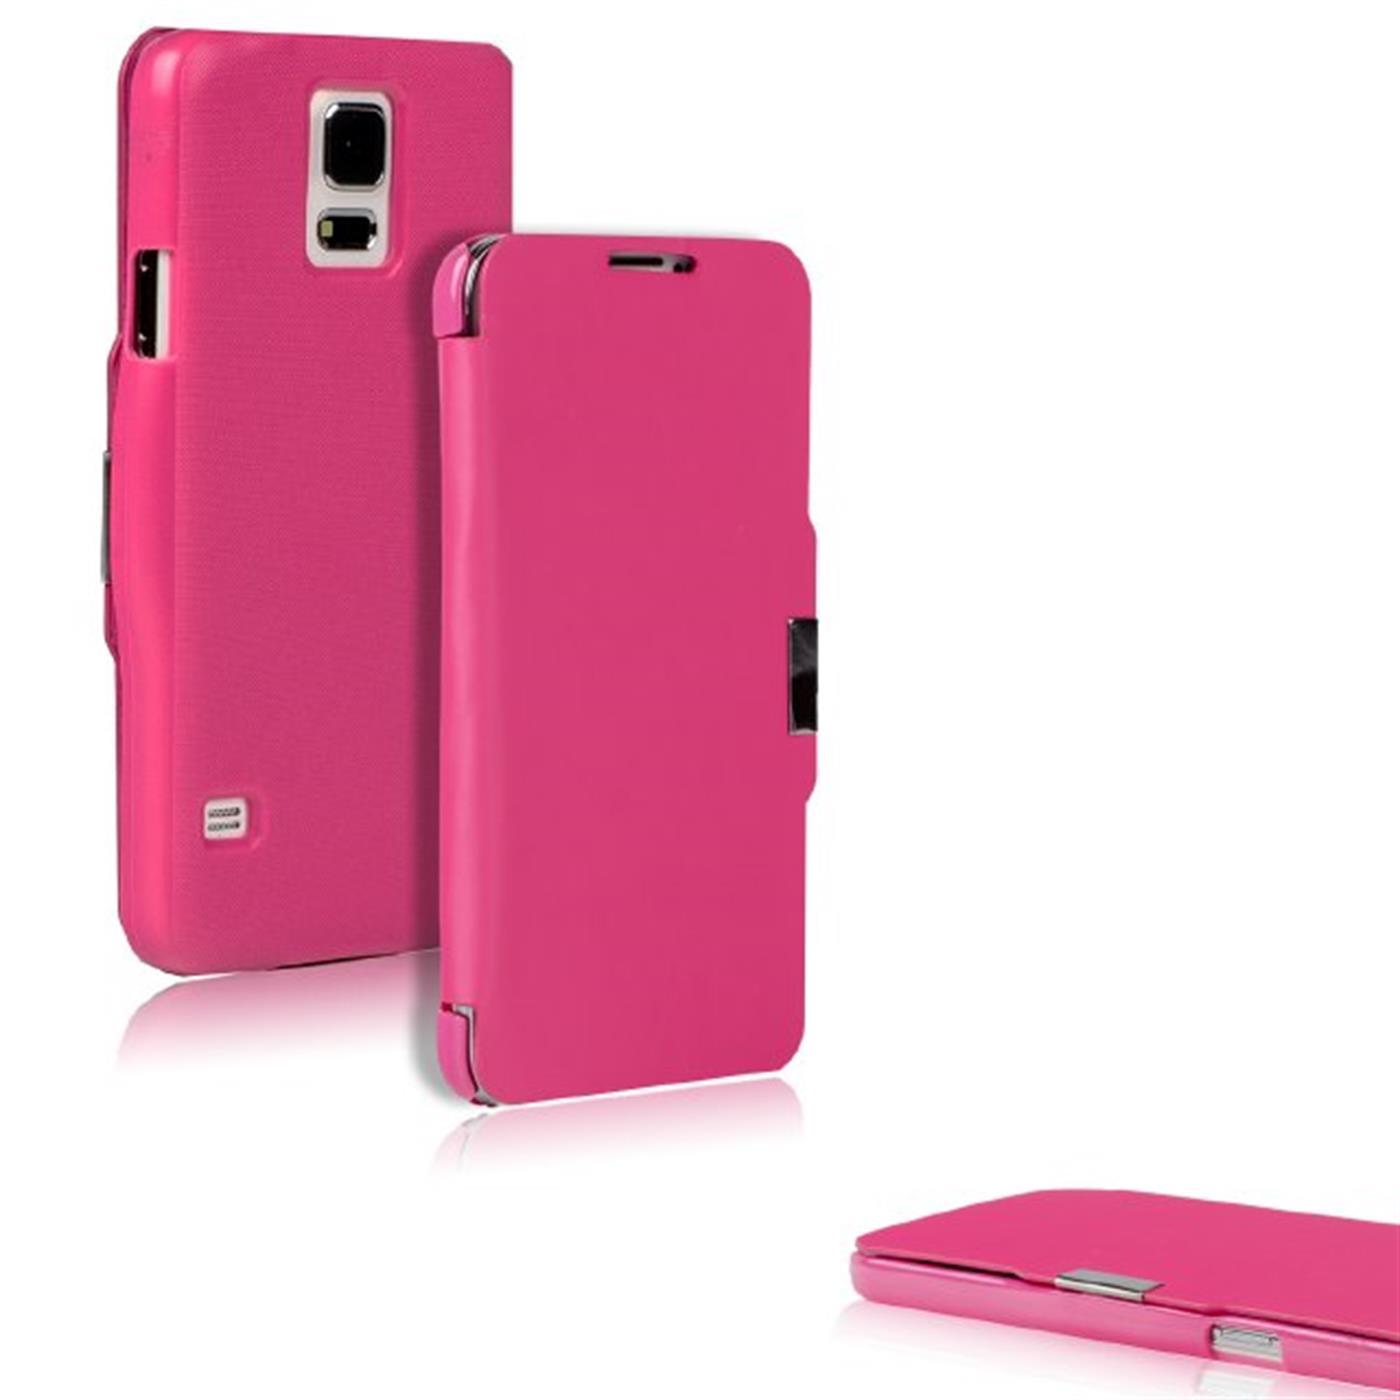 Klapptasche-fuer-Apple-Samsung-Sony-HTC-Slim-Flip-Case-Schutz-Huelle-Handy-Tasche